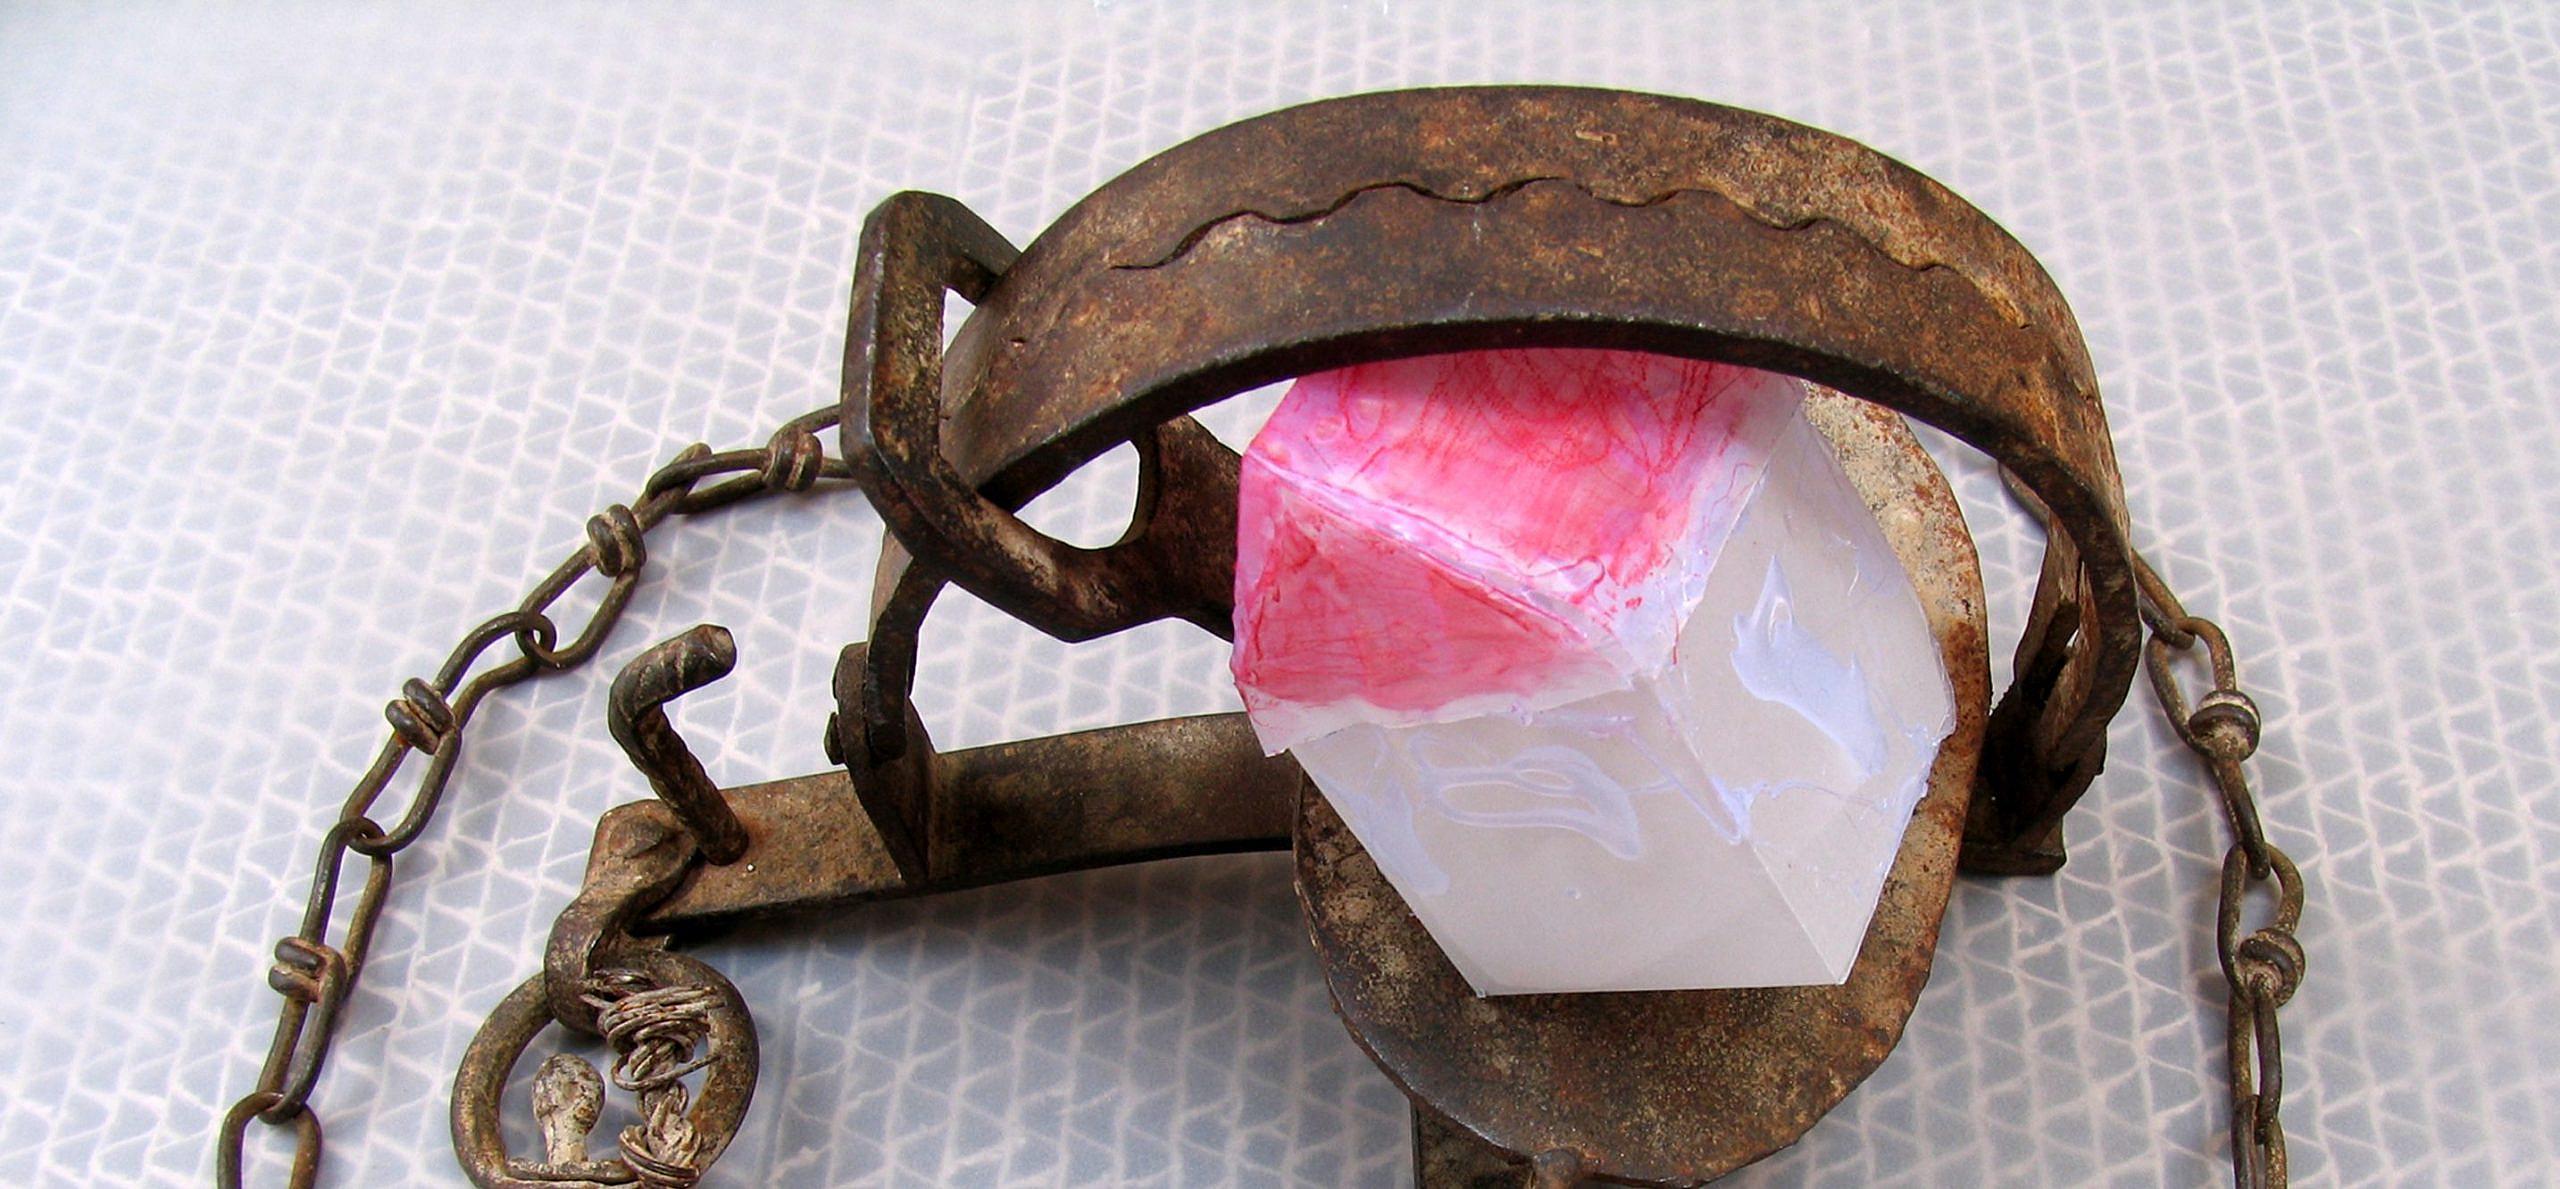 נחמה גולן, בית במלכודת, 2005. נייר ומלכודת מן המוכן, מתכת